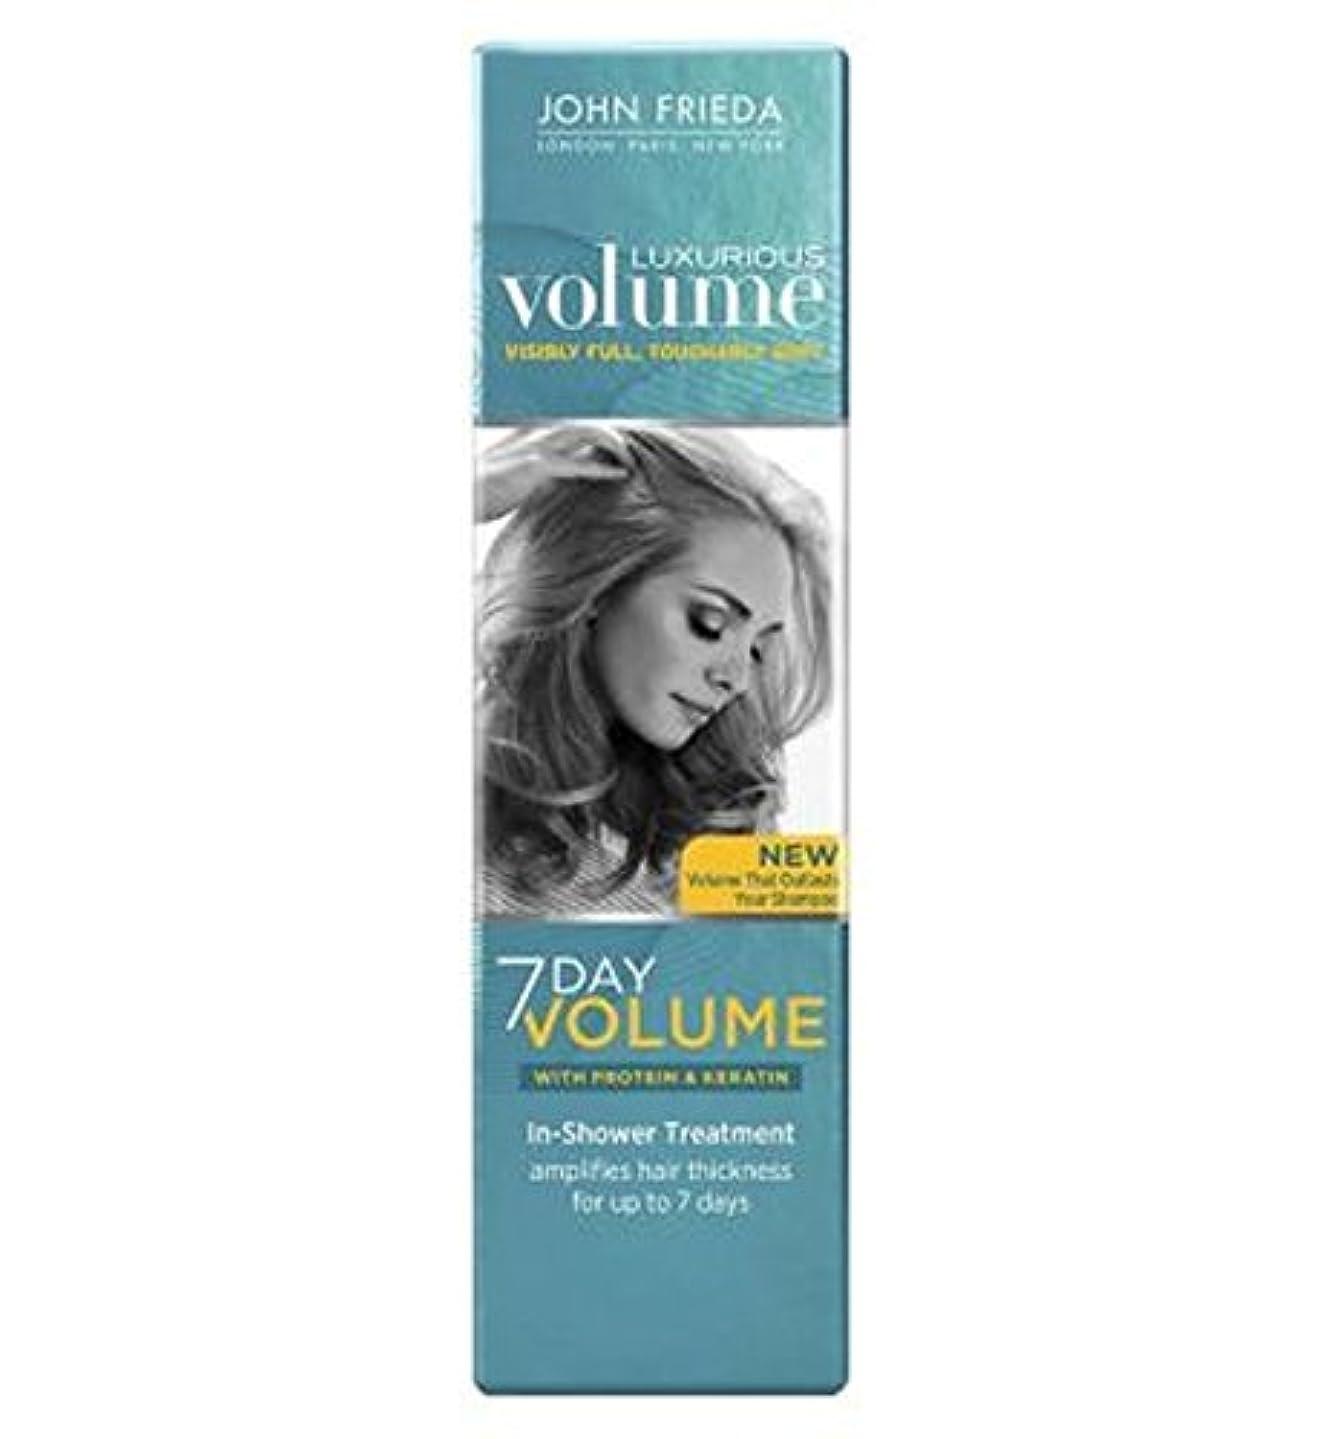 前提条件学生前兆John Frieda Luxurious Volume 7 Day In-Shower Treatment 100ml - ジョン?フリーダ豪華なボリューム7日には、シャワー処理100ミリリットル (John Frieda) [並行輸入品]